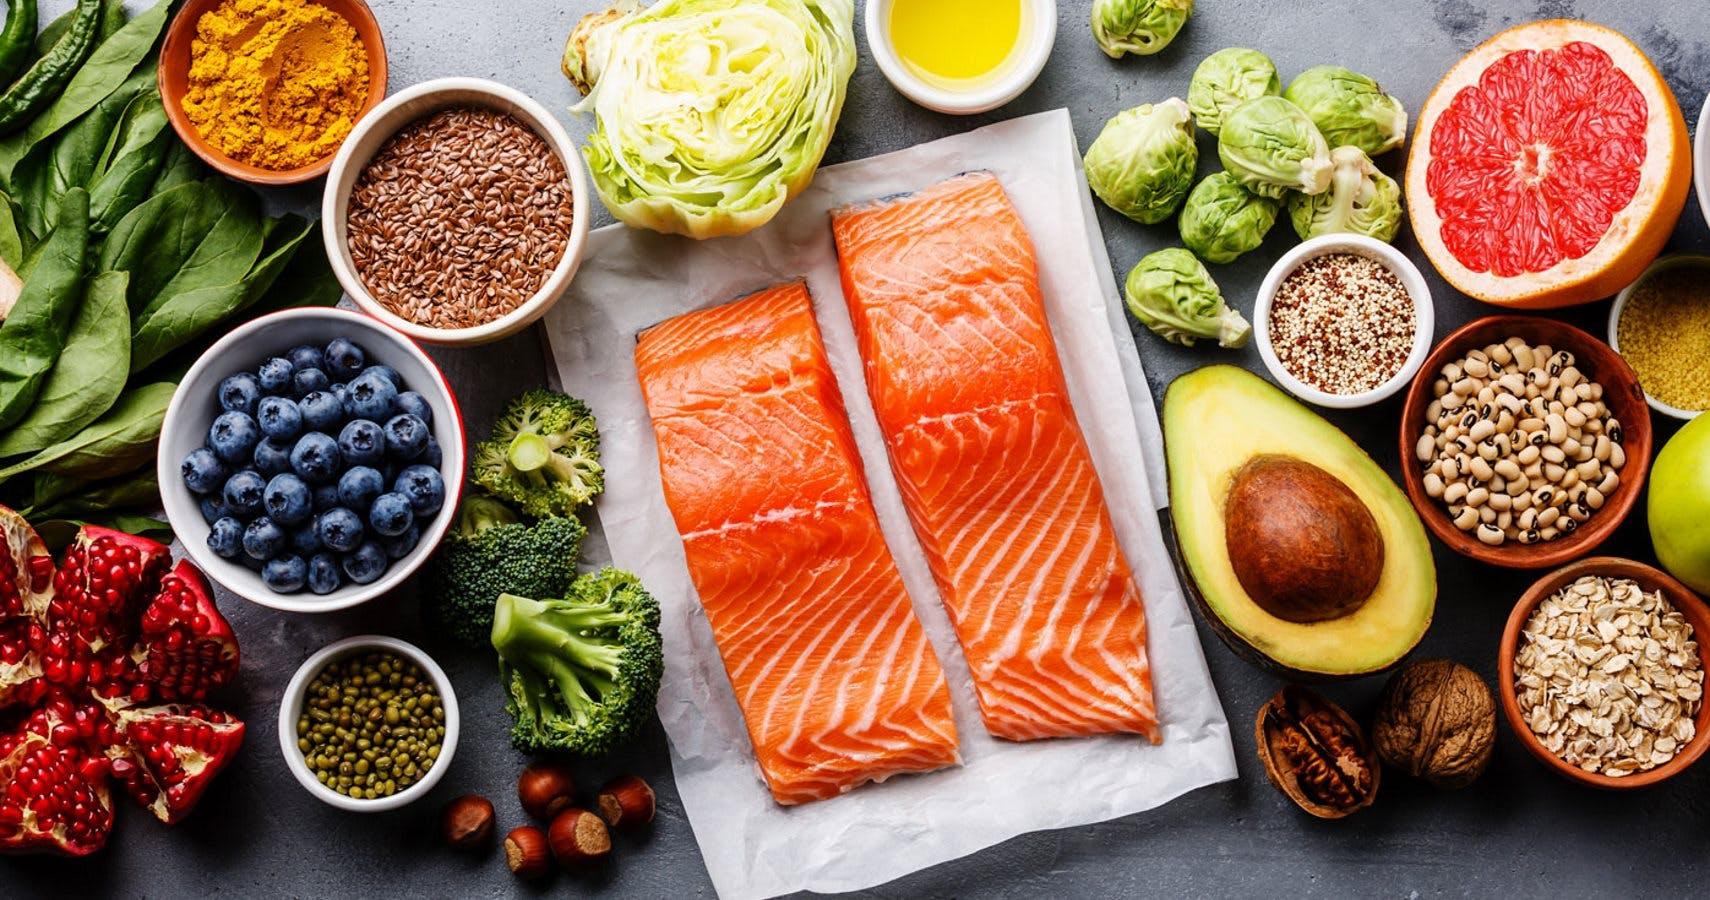 Dinh dưỡng rất quan trọng với người máu nóng khó tăng cân